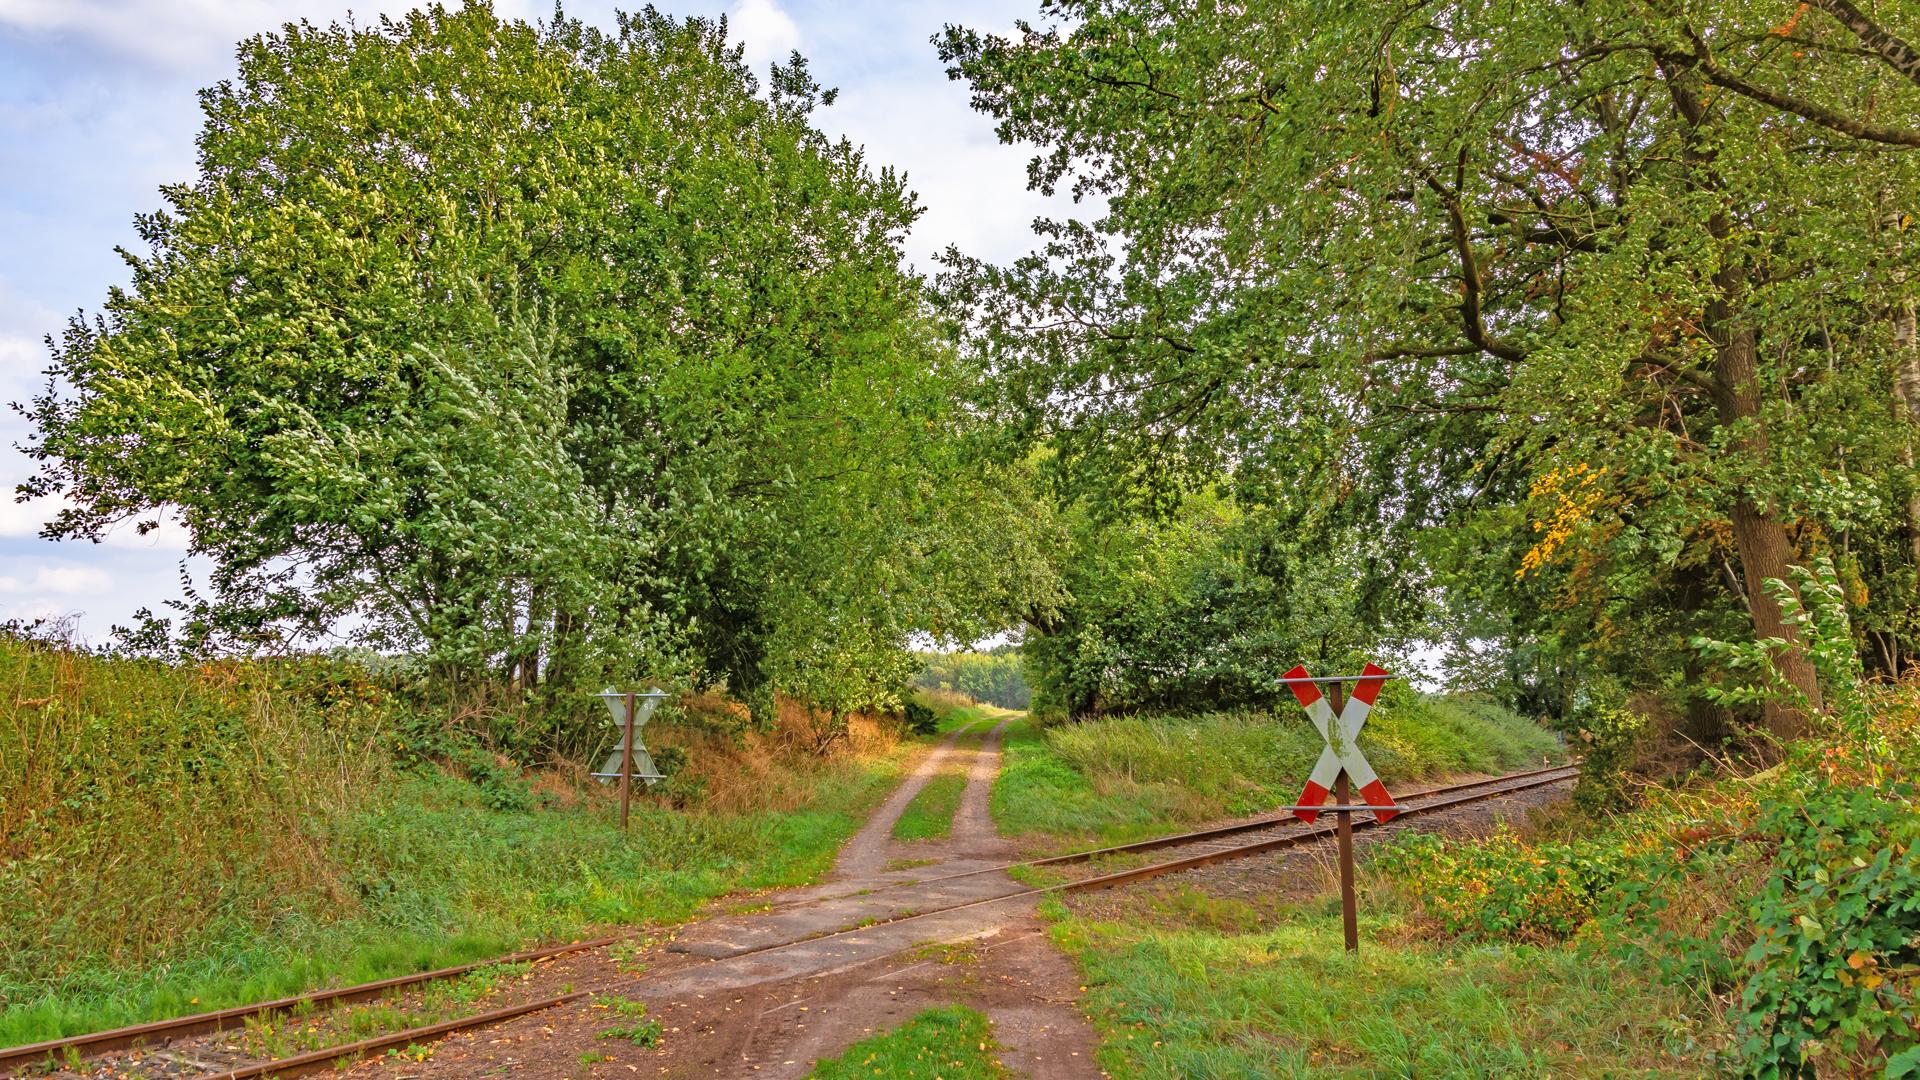 Über die Gleise der alten Bahnstrecke Tostedt-Zeven-Wilstedt